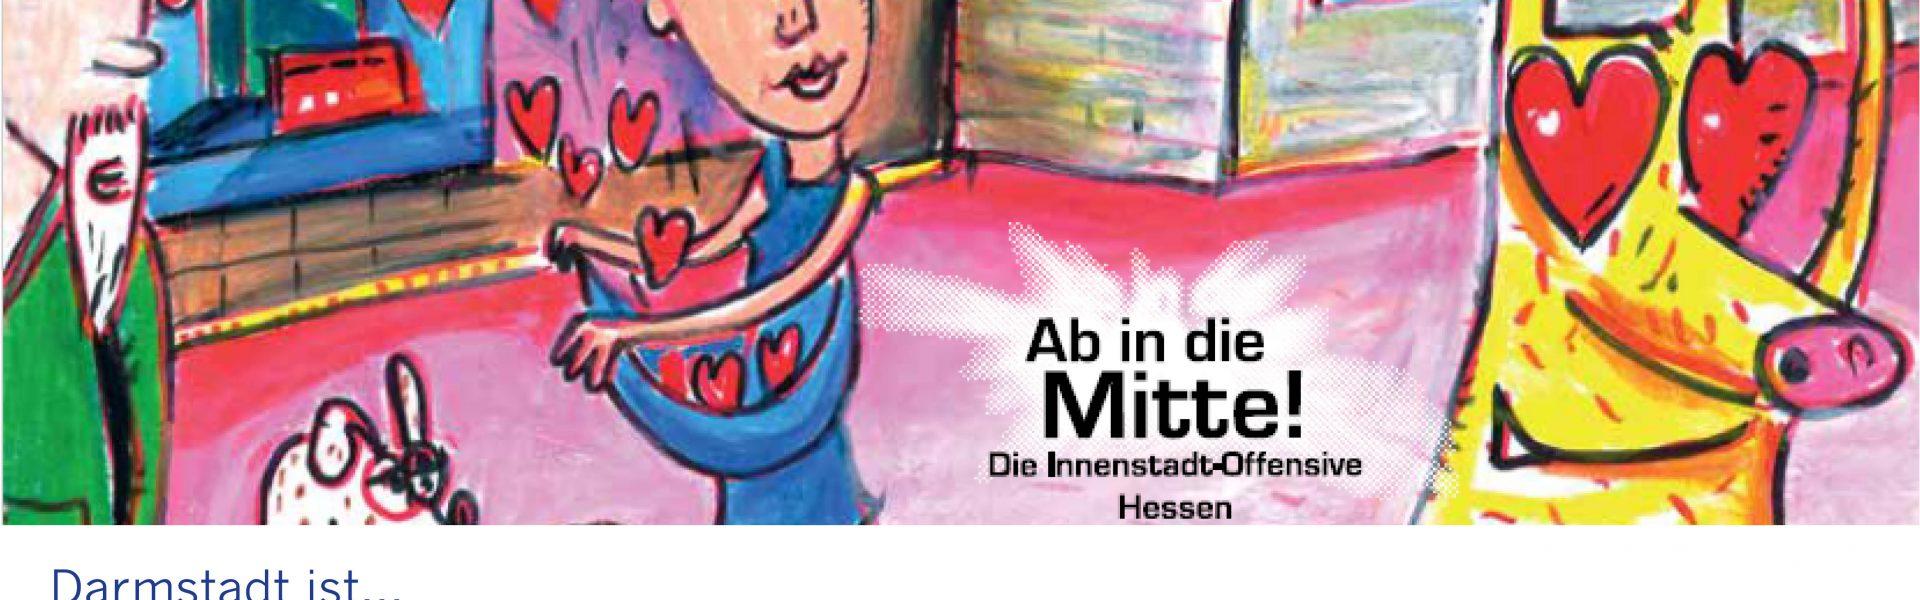 """Header Bild Darmstadt punktet beim Landeswettbewerb """"Ab in die Mitte!"""""""